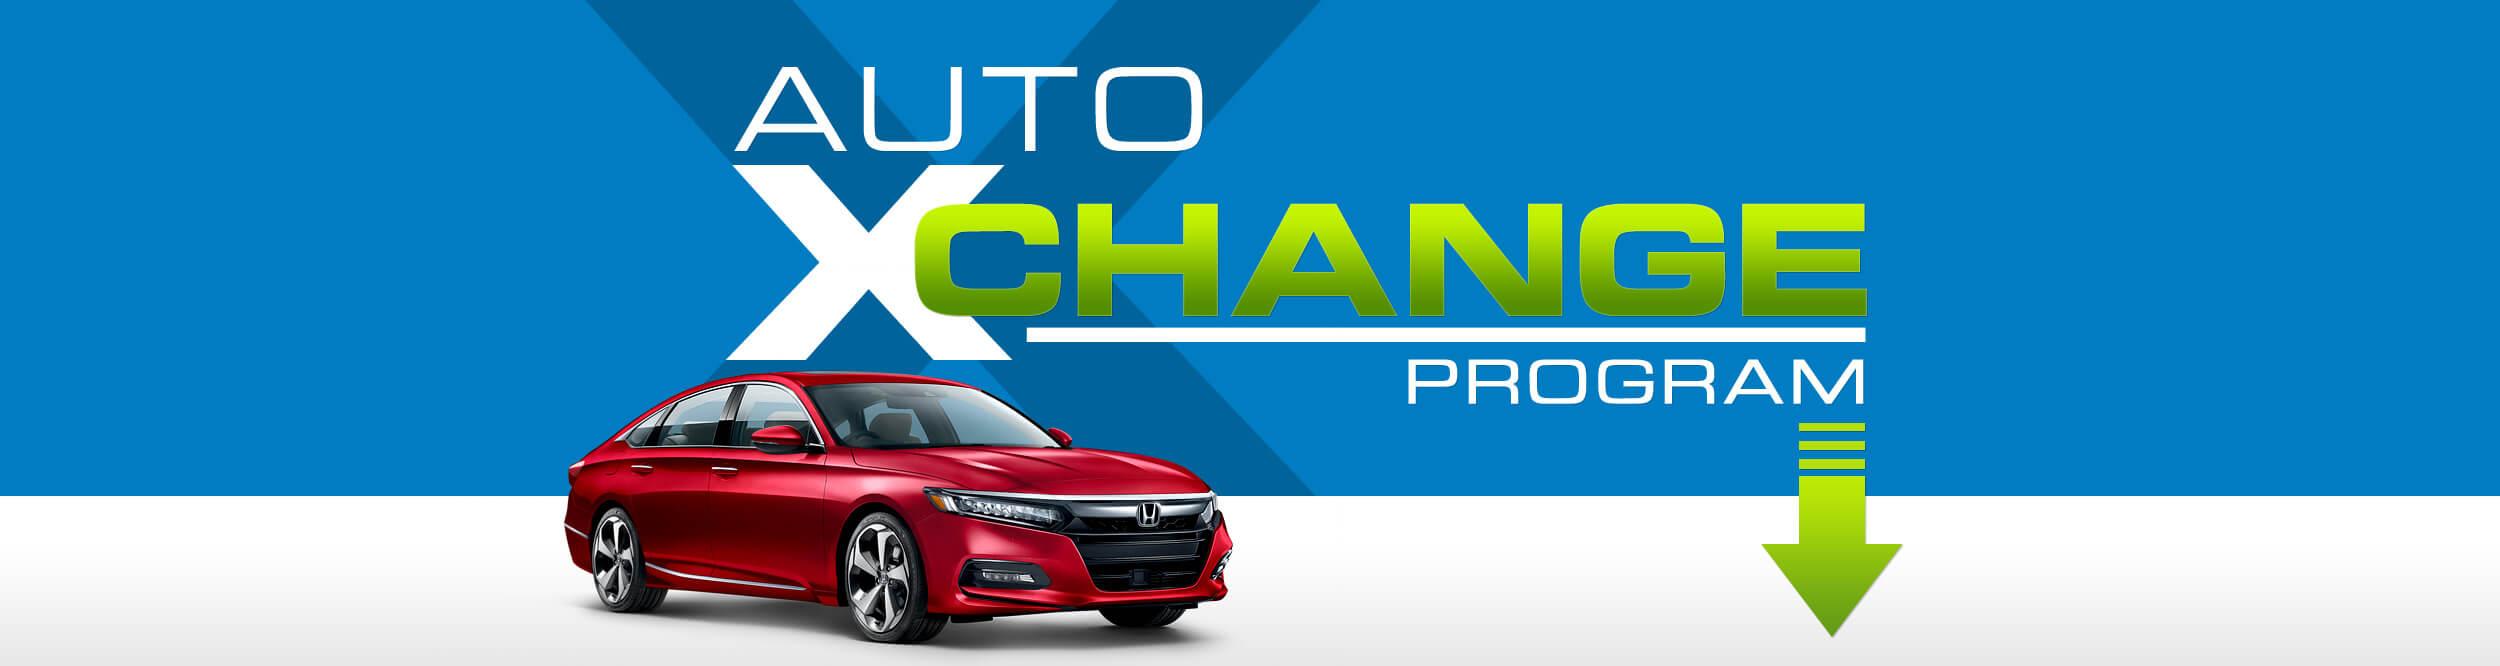 Proctor Honda Auto Xchange Program